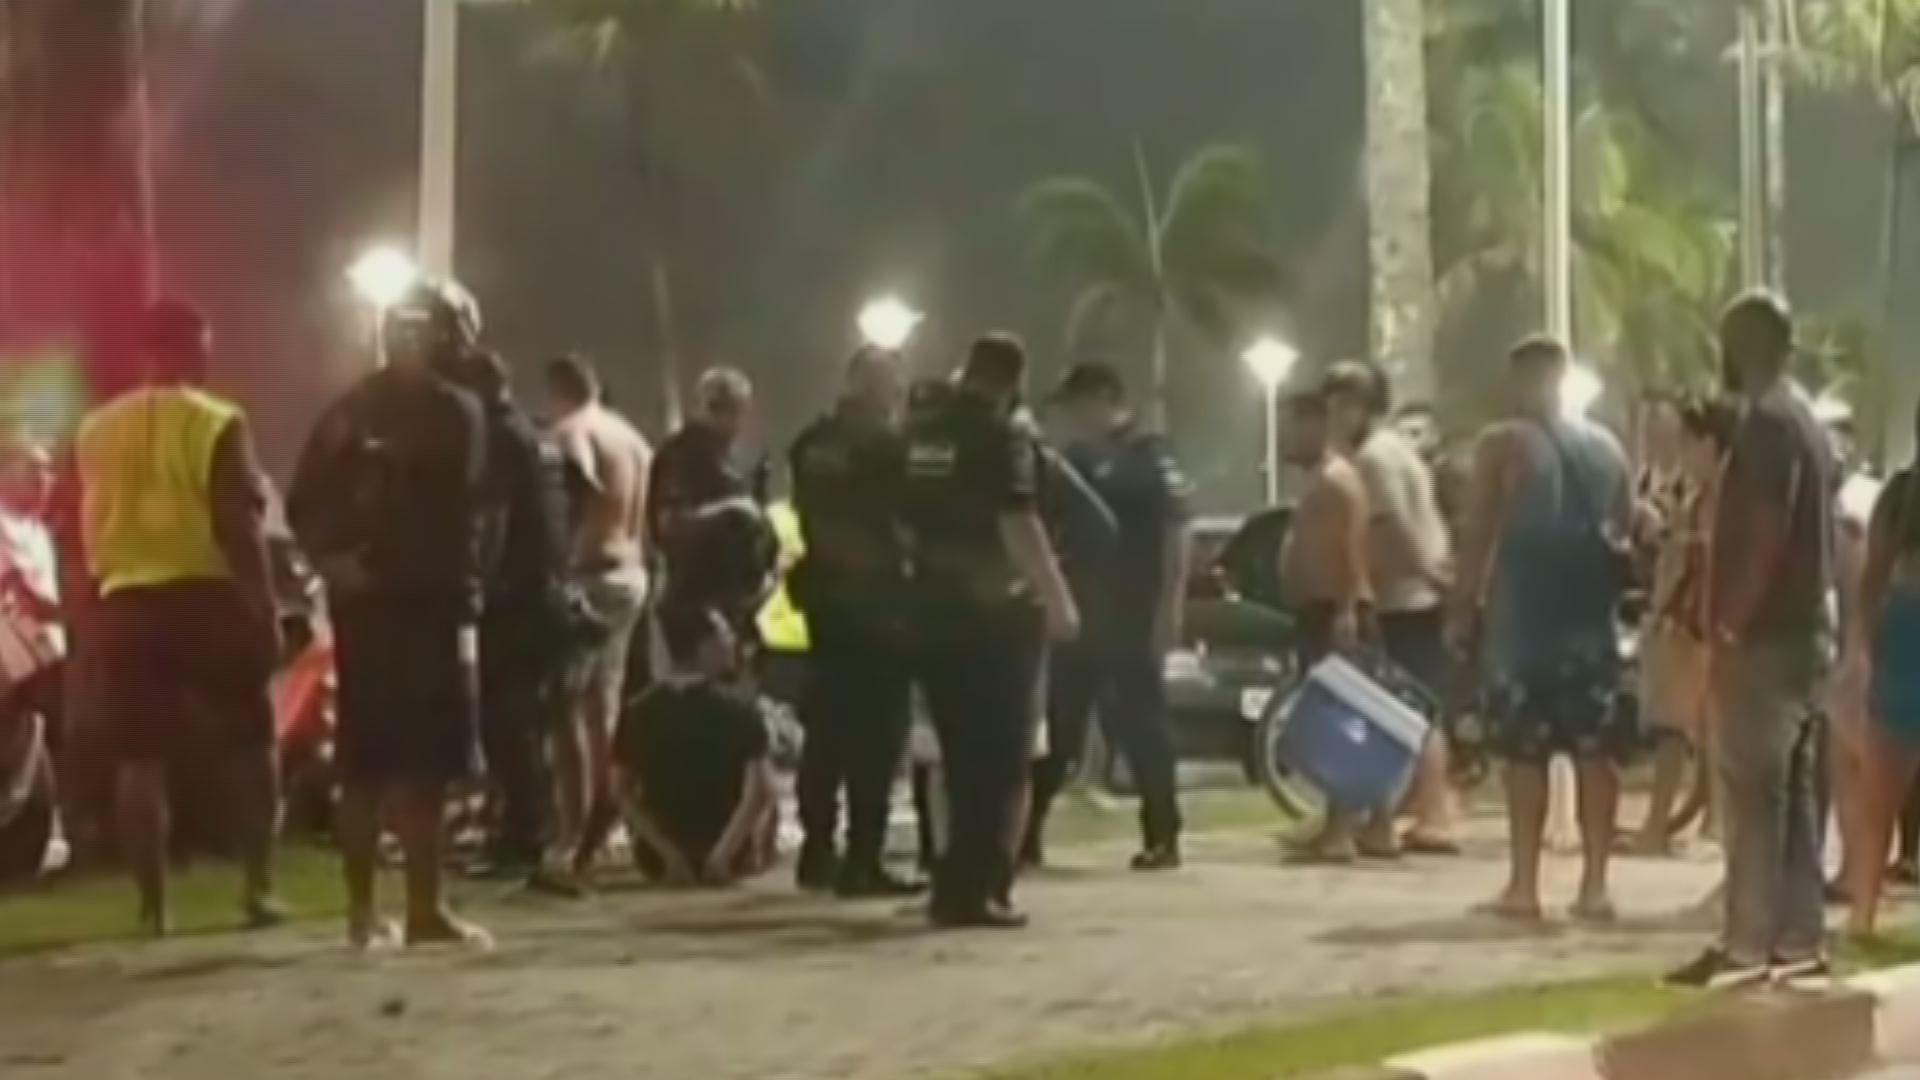 Turista é espancado após atacar dois com canivete em praia em SP; VÍDEO